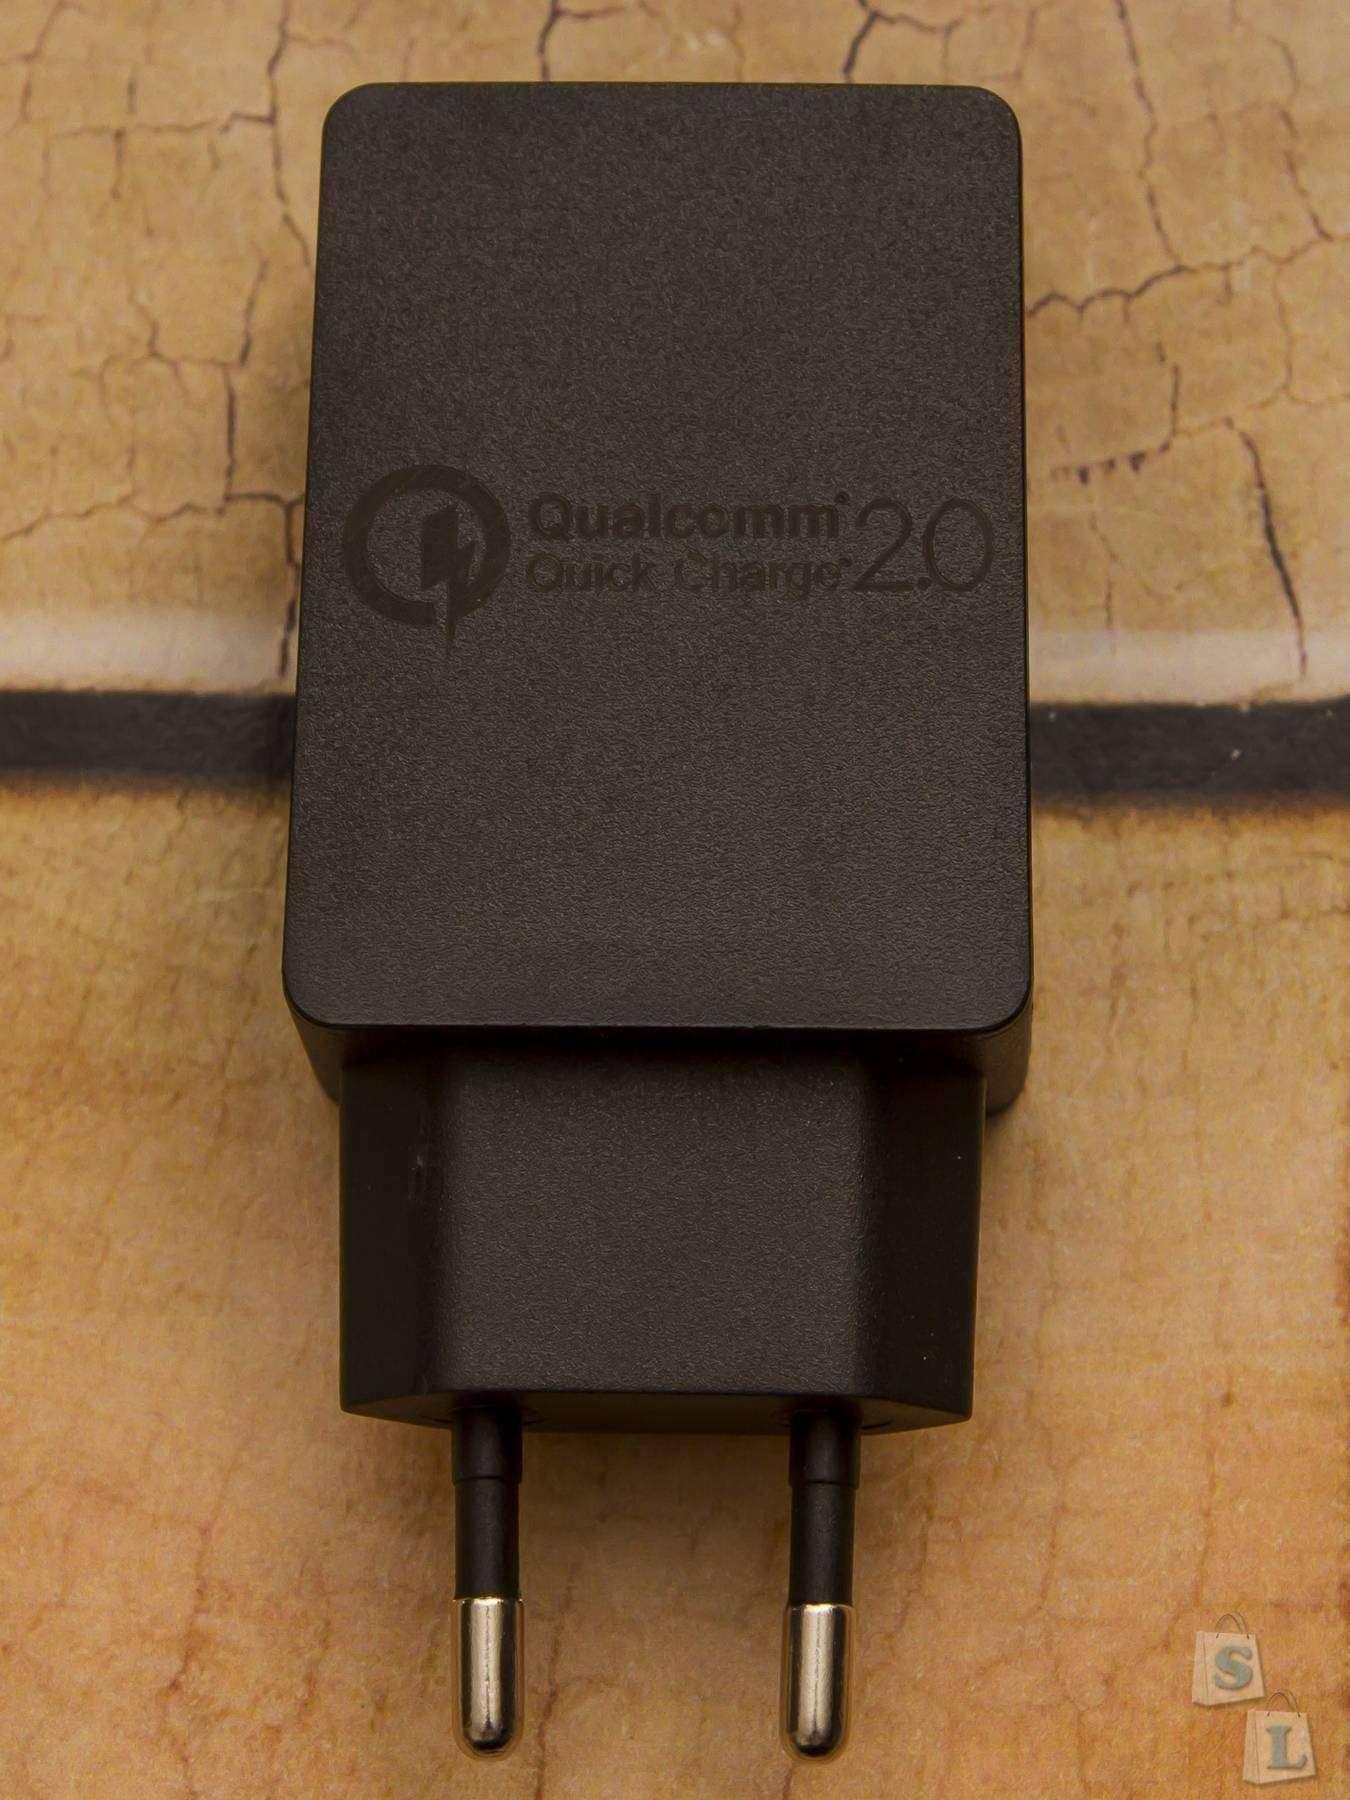 GearBest: Зарядка с поддержкой Quick Charge 2.0 - Itian